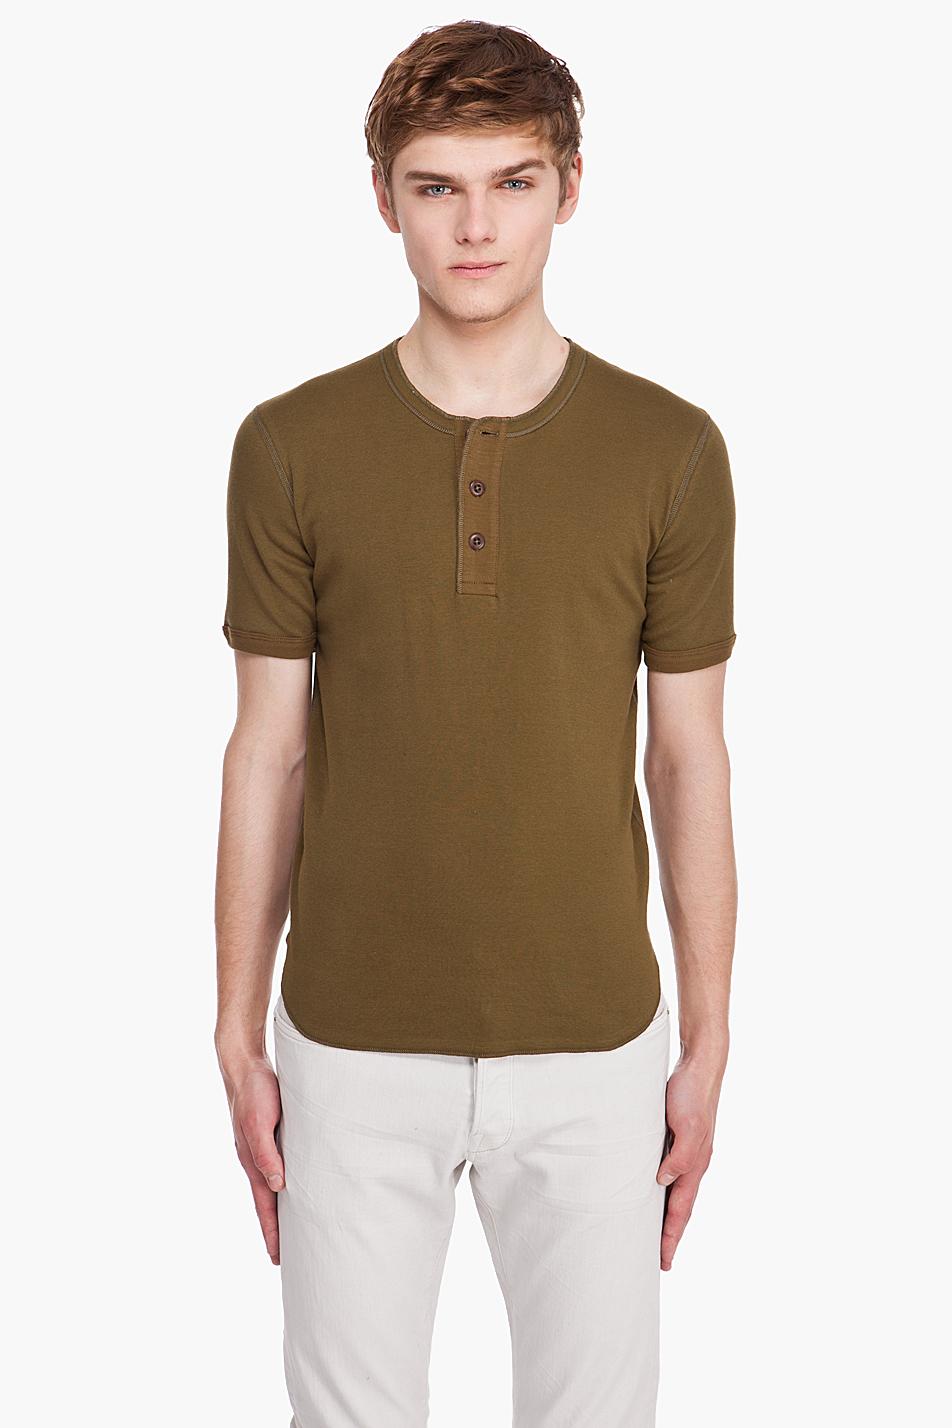 Рубашка хенли оливкового цвета с коротким рукавом, Wing & Horns